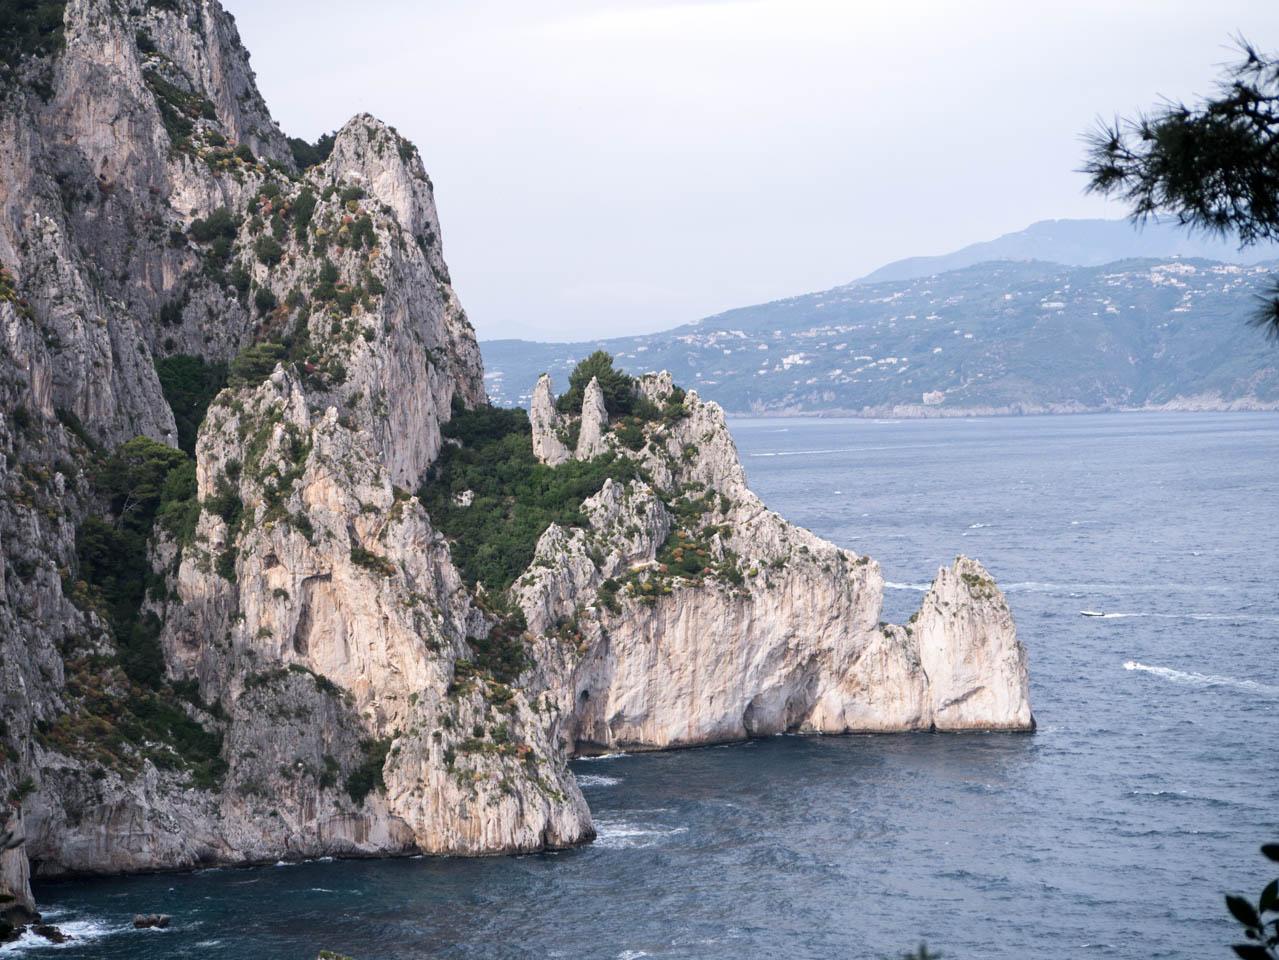 Blick auf die sorentinische Halbinsel (1 von 1)